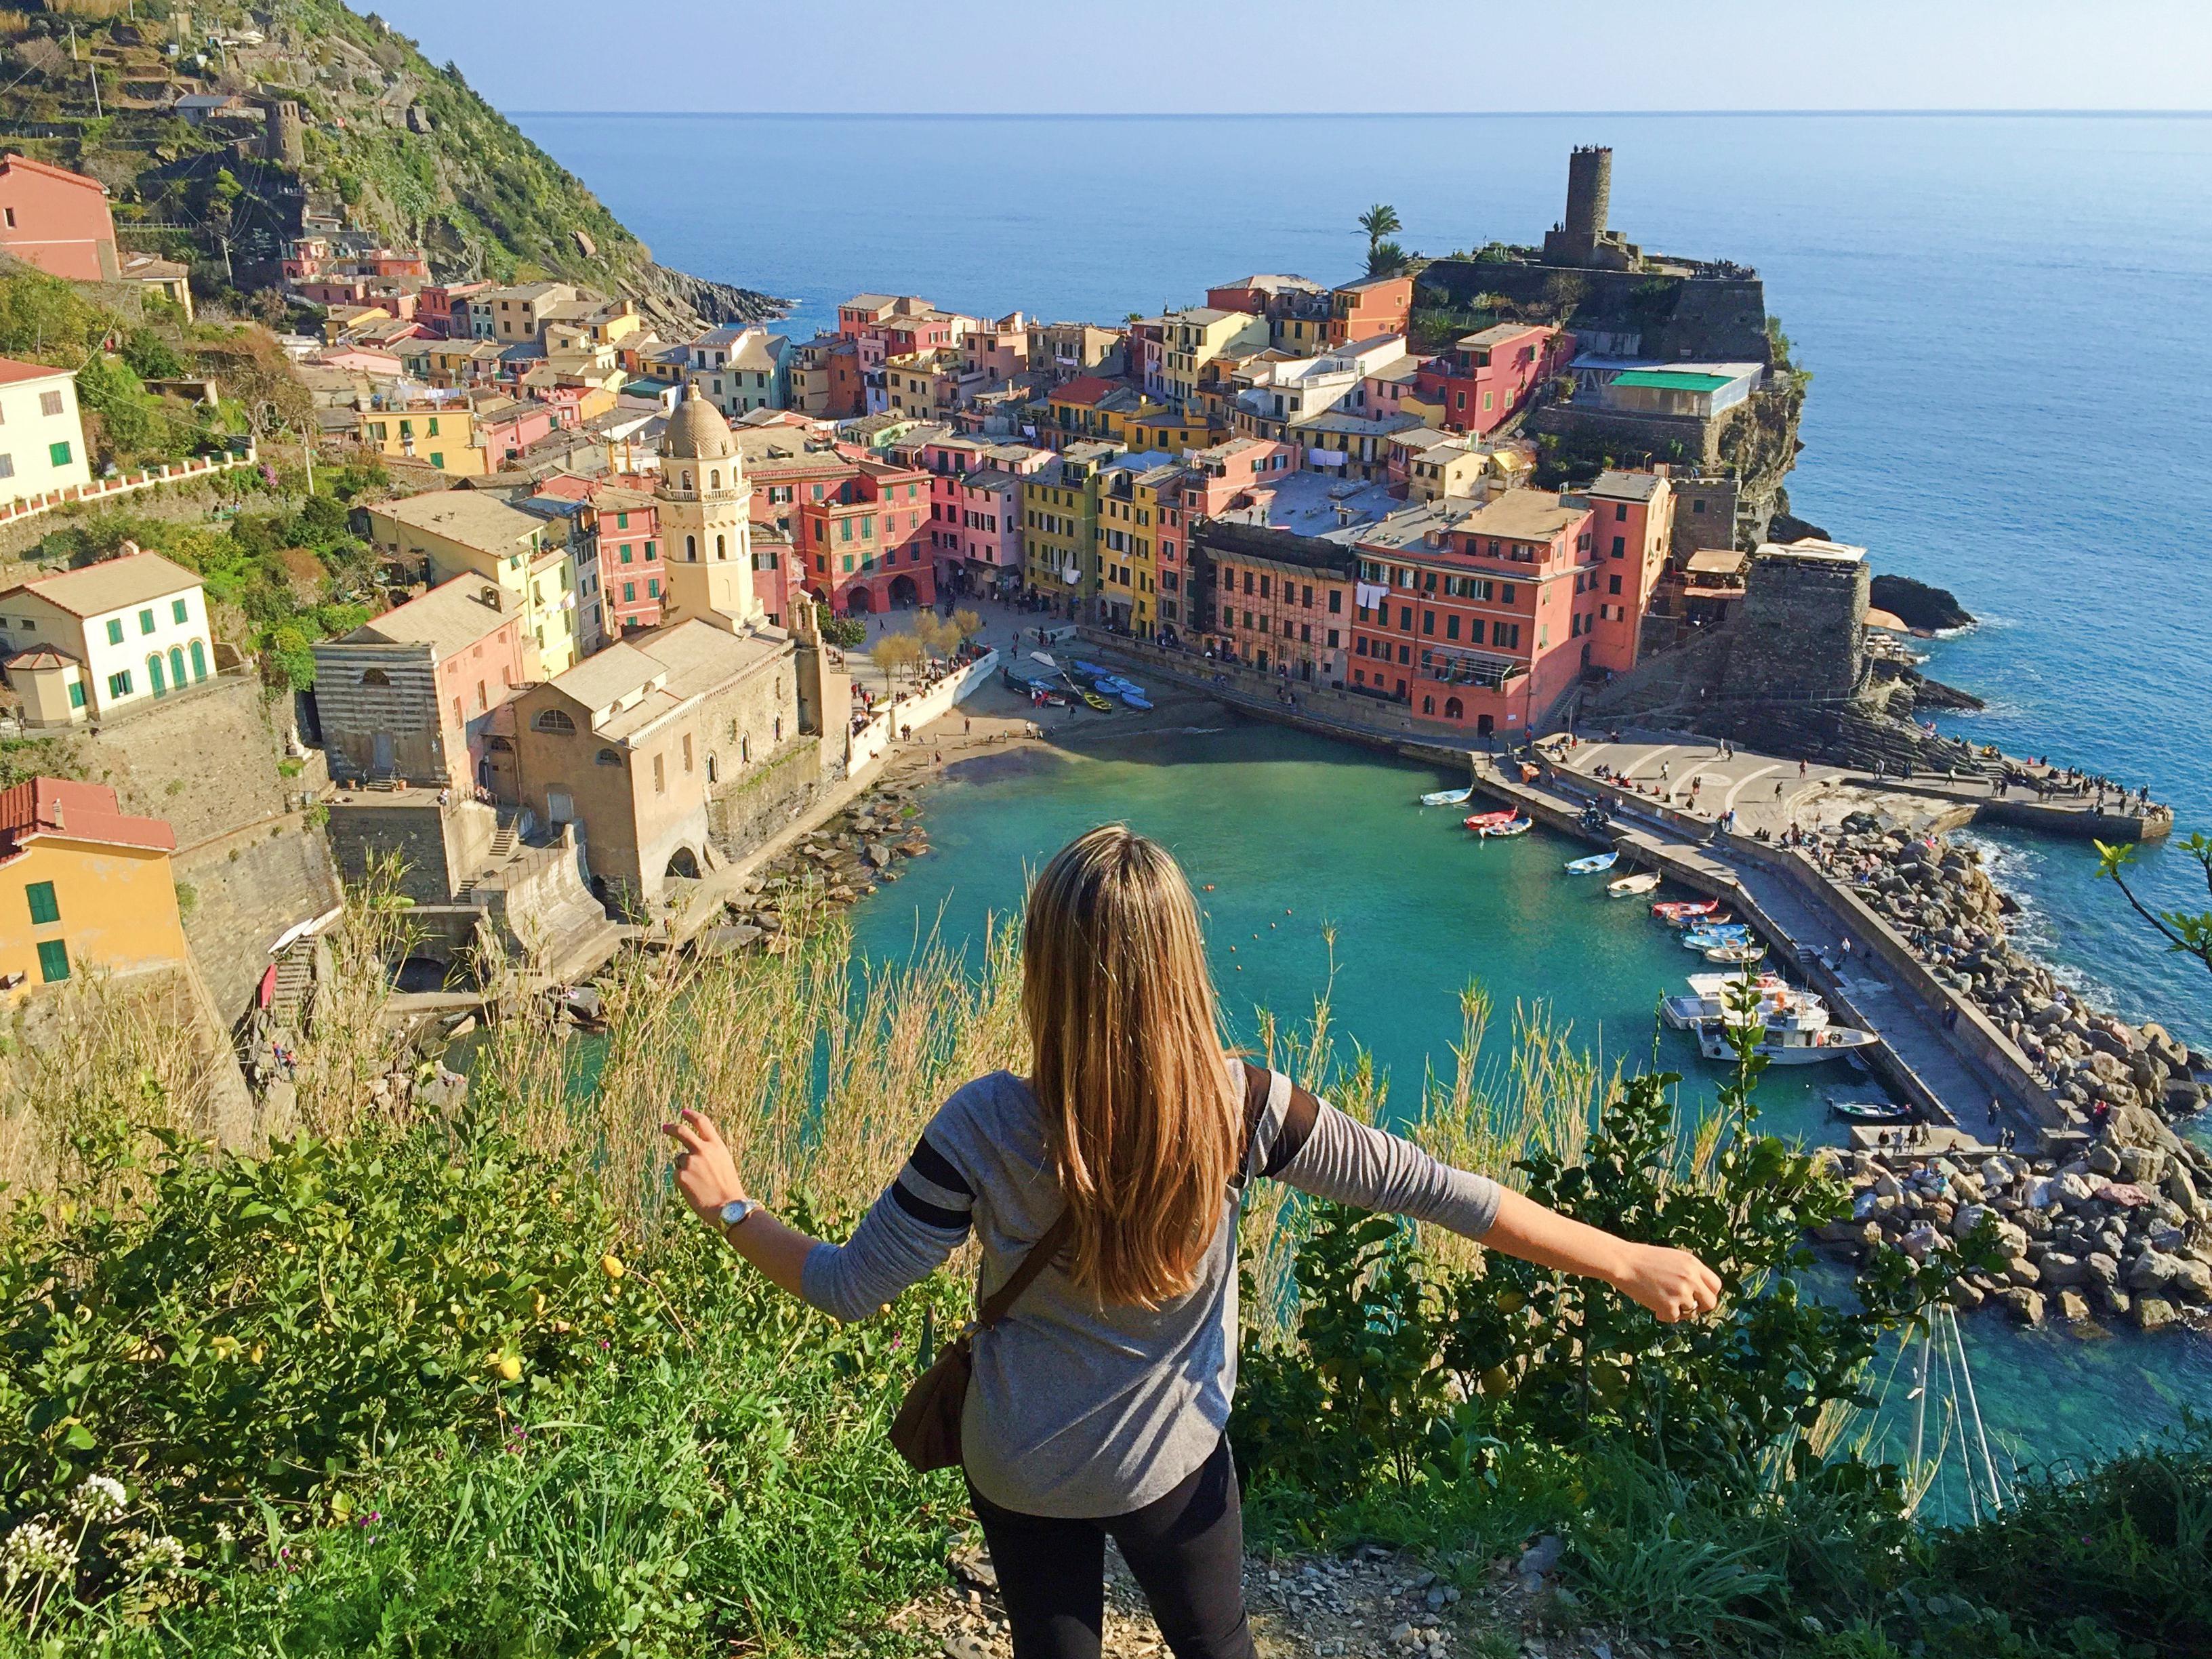 Roteiro de 5 dias pela costa da Ligúria, Toscana e Lago di Como – Itália